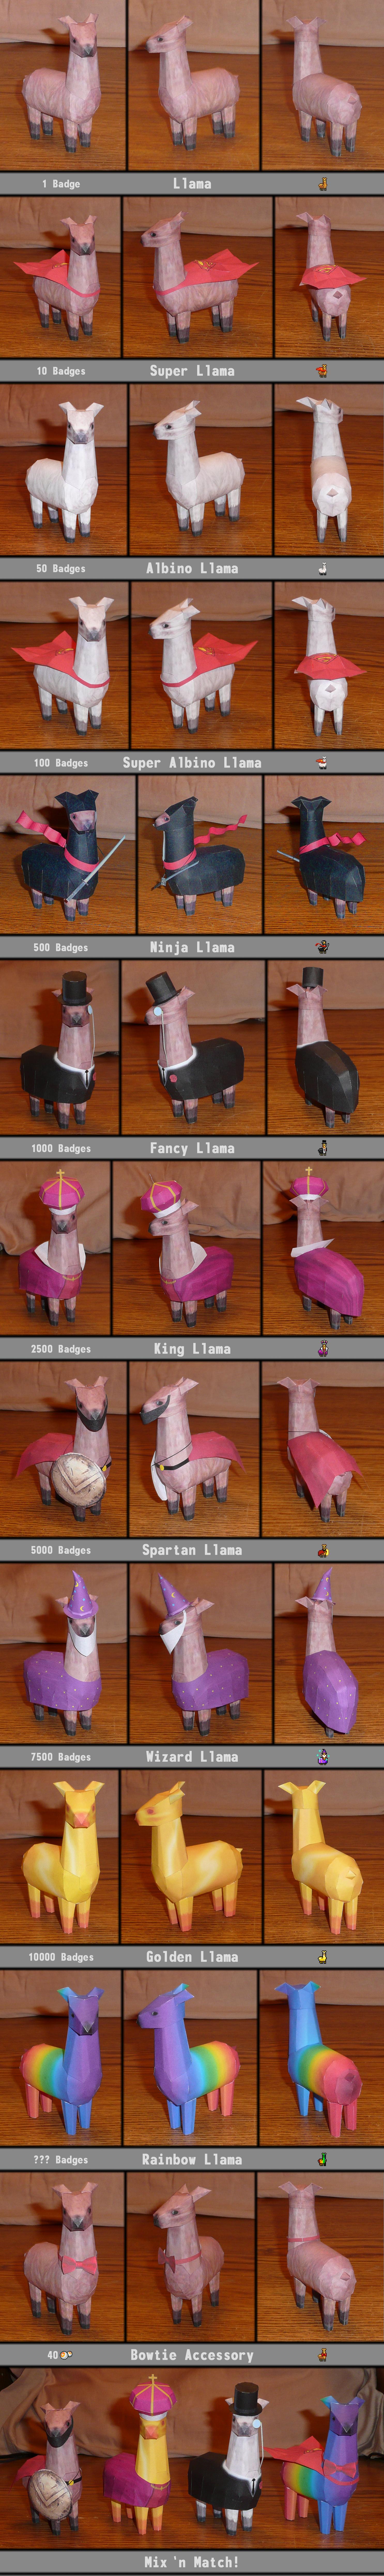 dA Llamas Assembled by billybob884